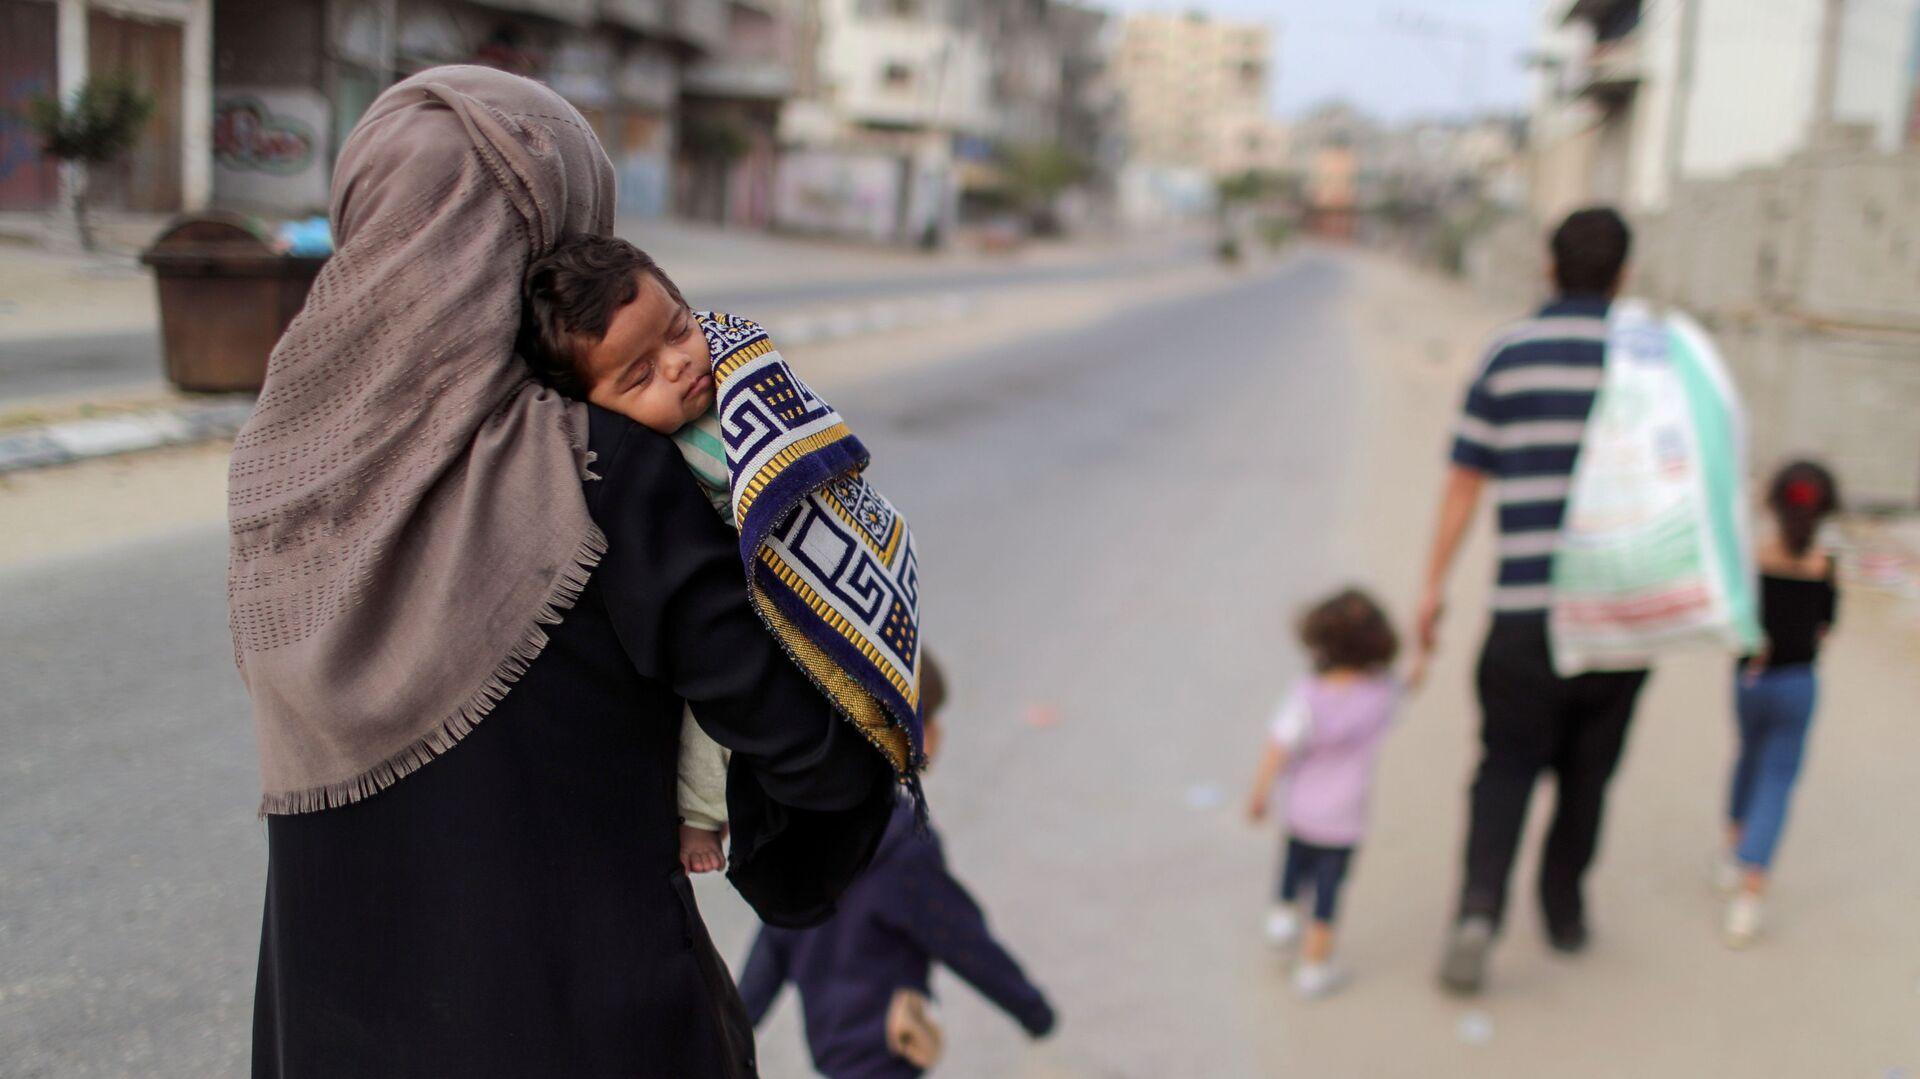 Палестинцы покидают свои дома в ходе обострения палестино-израильского конфликта - Sputnik Italia, 1920, 22.05.2021